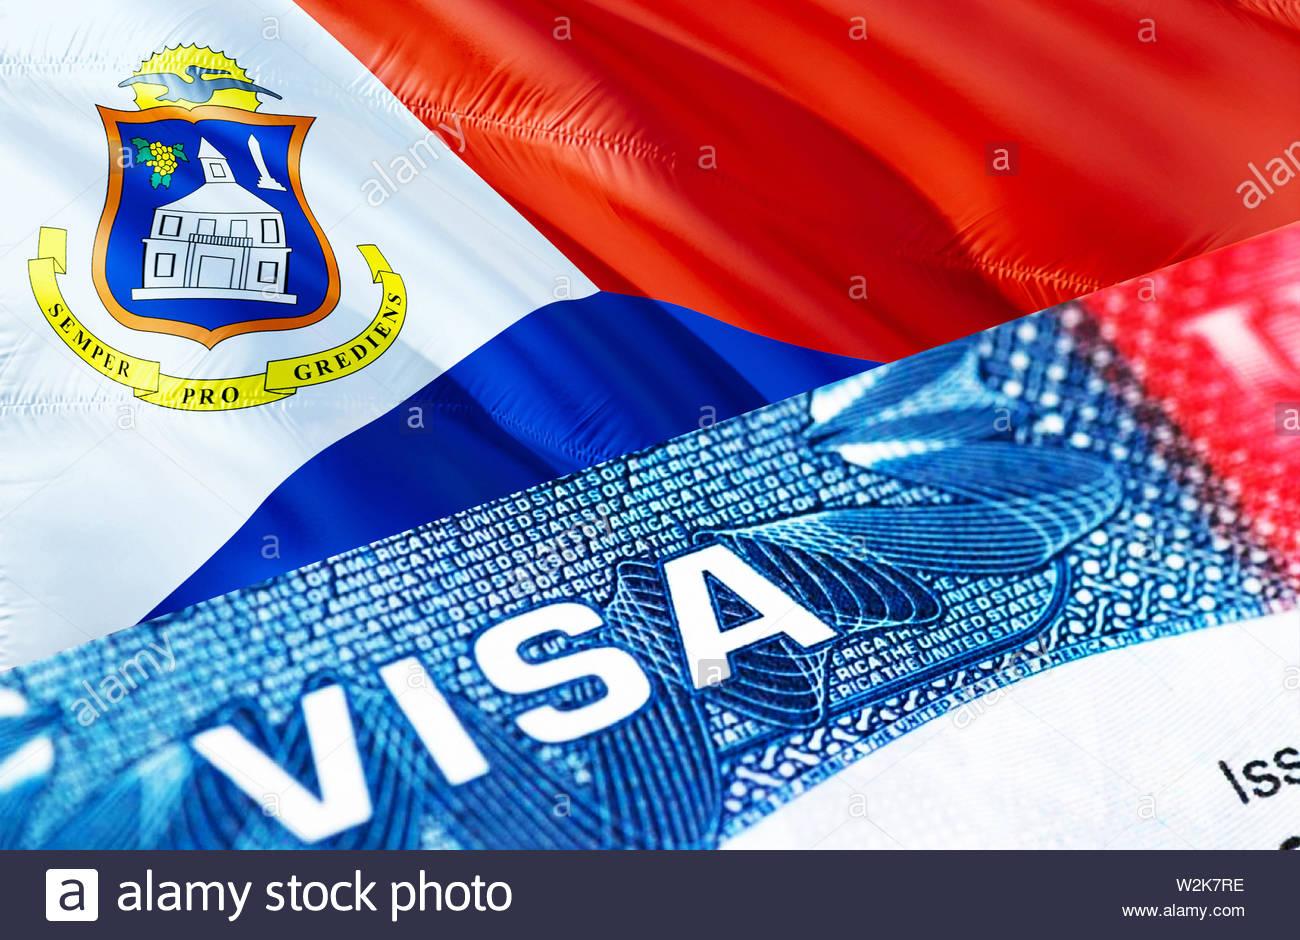 sint maarten flag stock